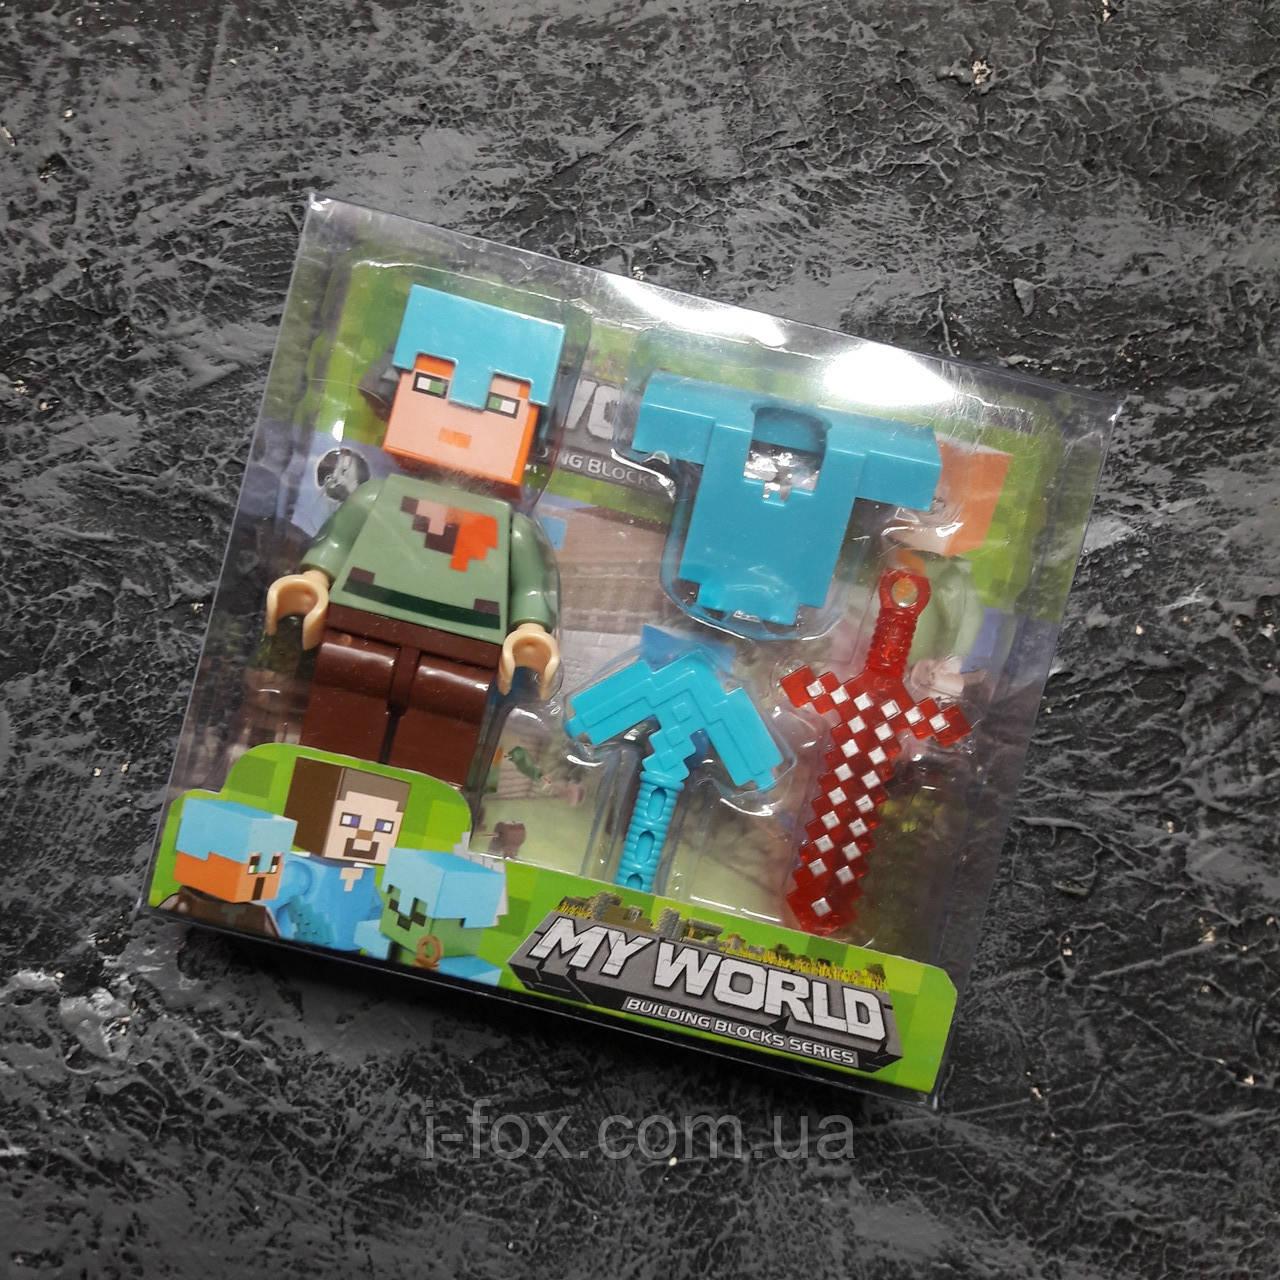 Коллекционная фигурка Minecraft + броня